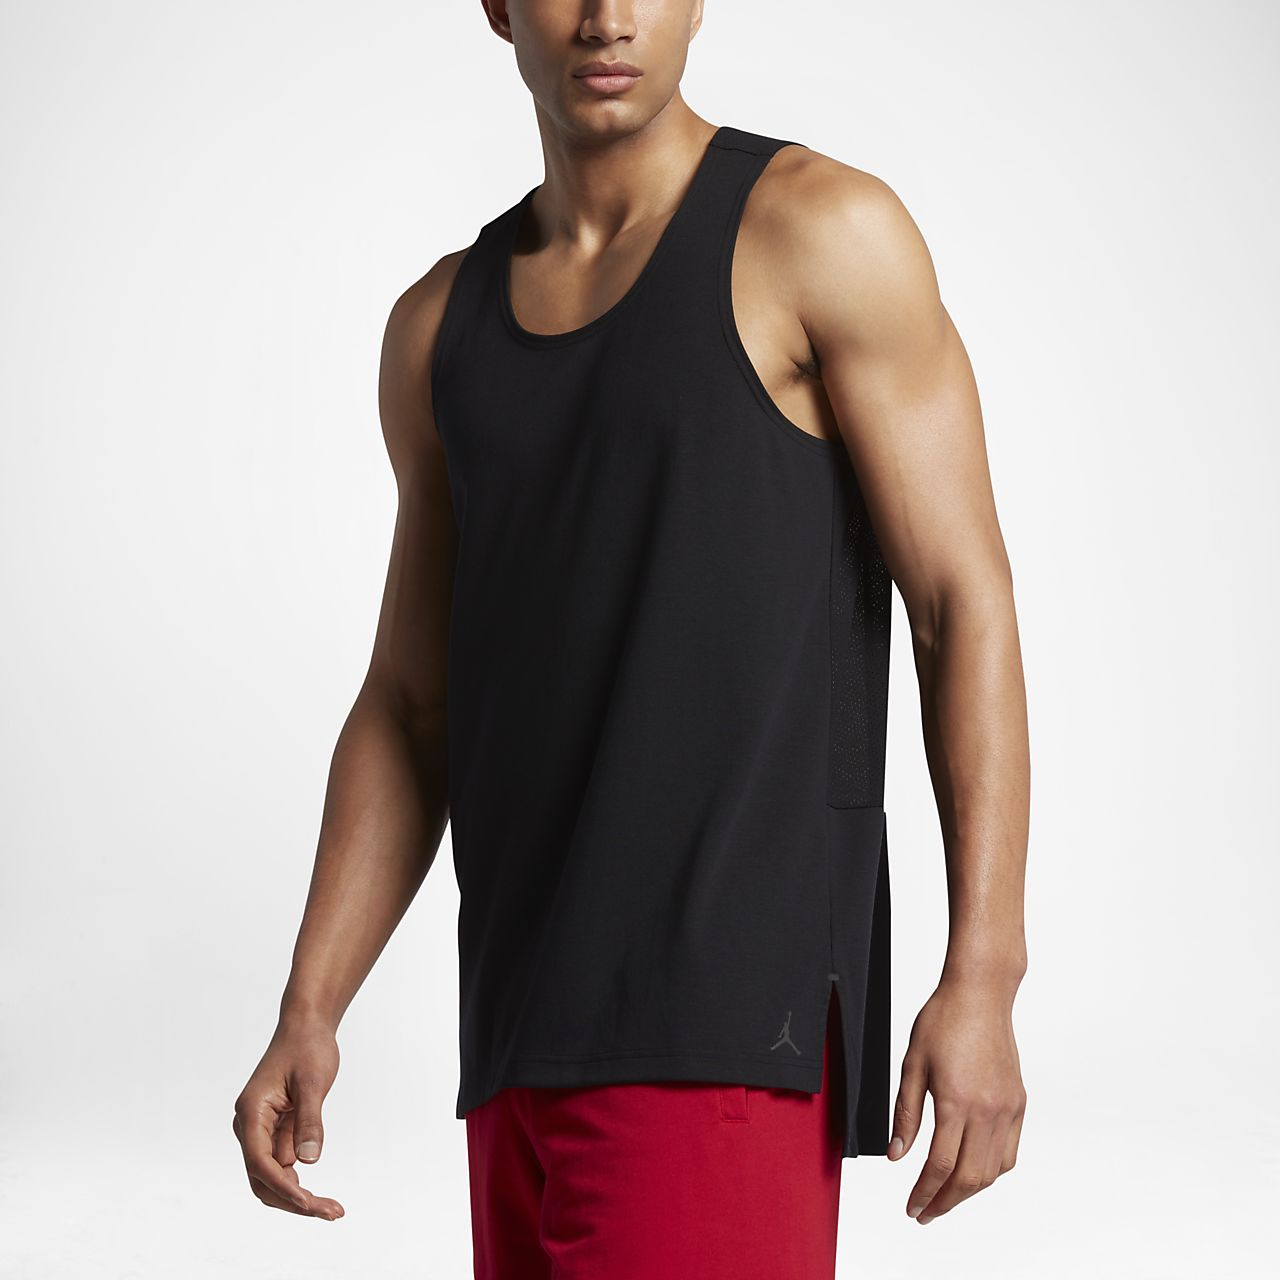 เสื้อกล้ามผู้ชาย Jordan 23 Lux